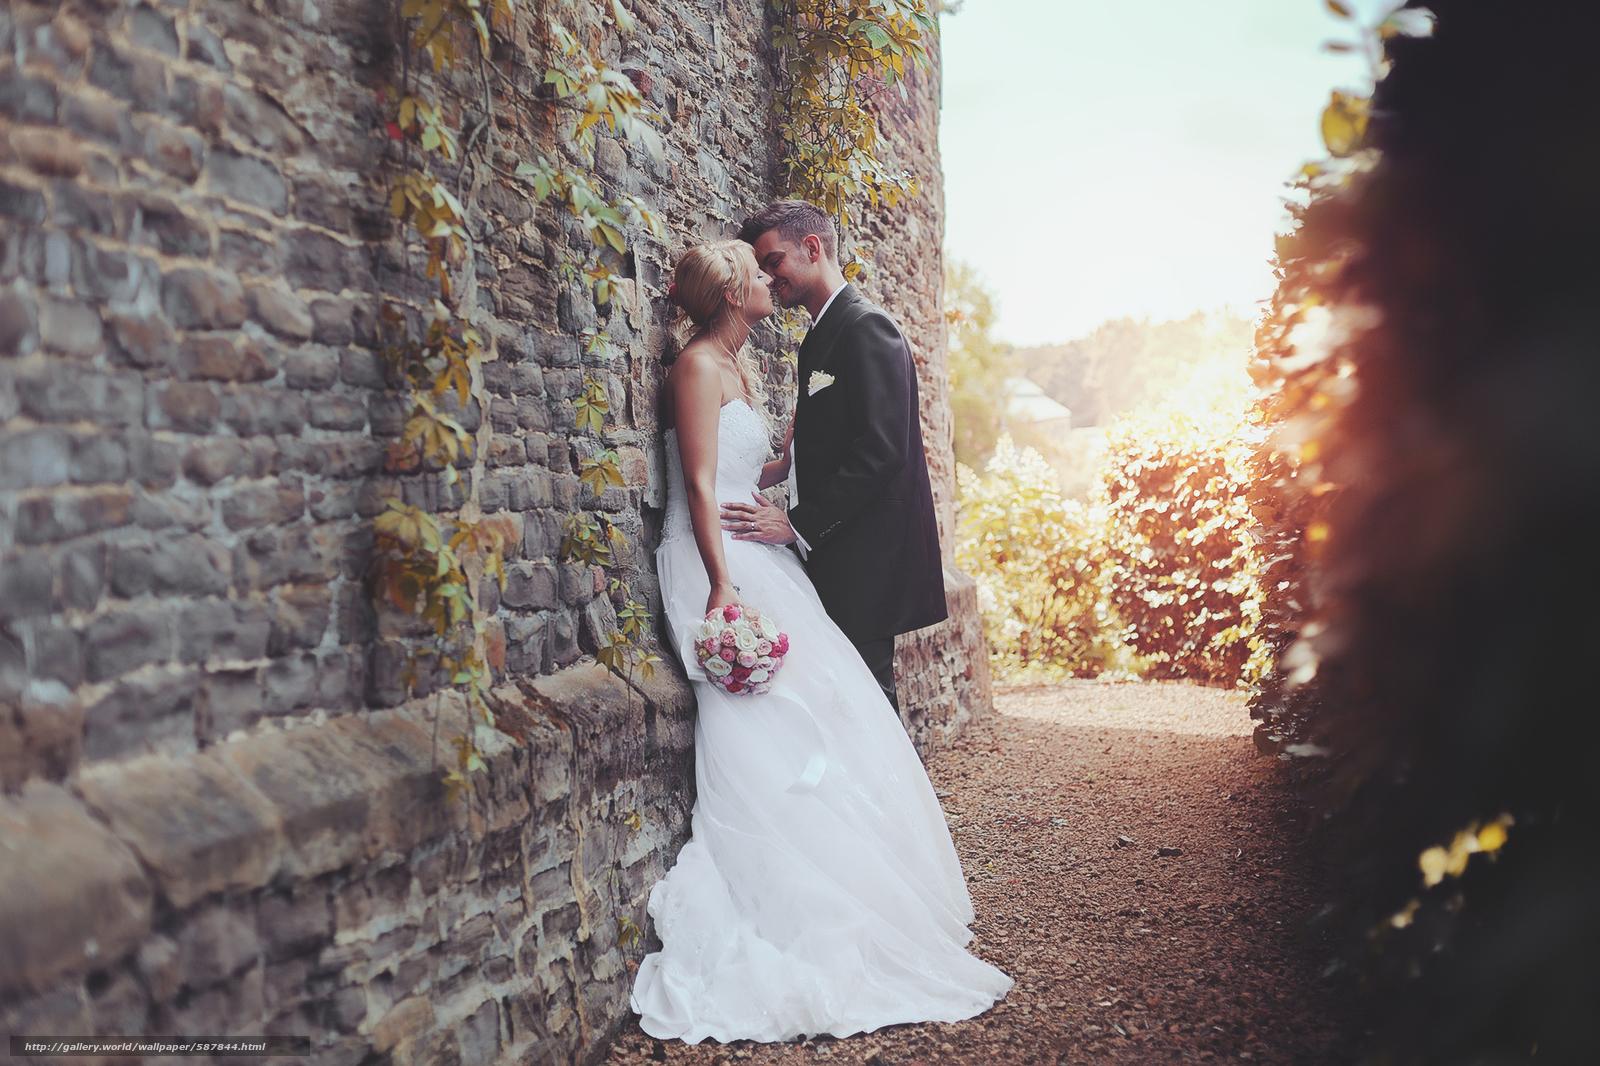 Скачать обои невеста,  платье,  влюбленные,  жених бесплатно для рабочего стола в разрешении 2048x1365 — картинка №587844